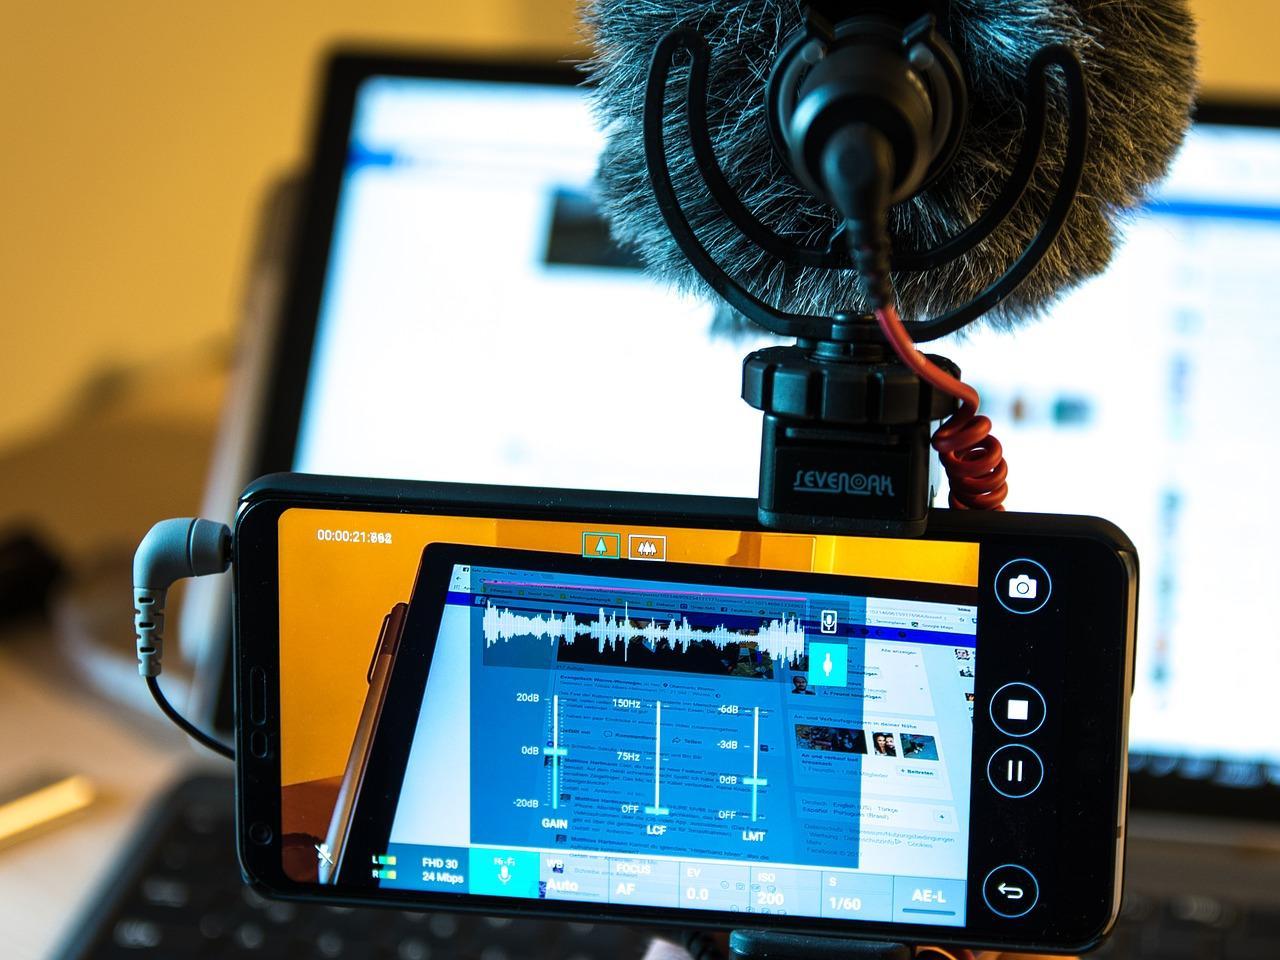 Подборка лучших приложений на Android для записи экрана с аудио